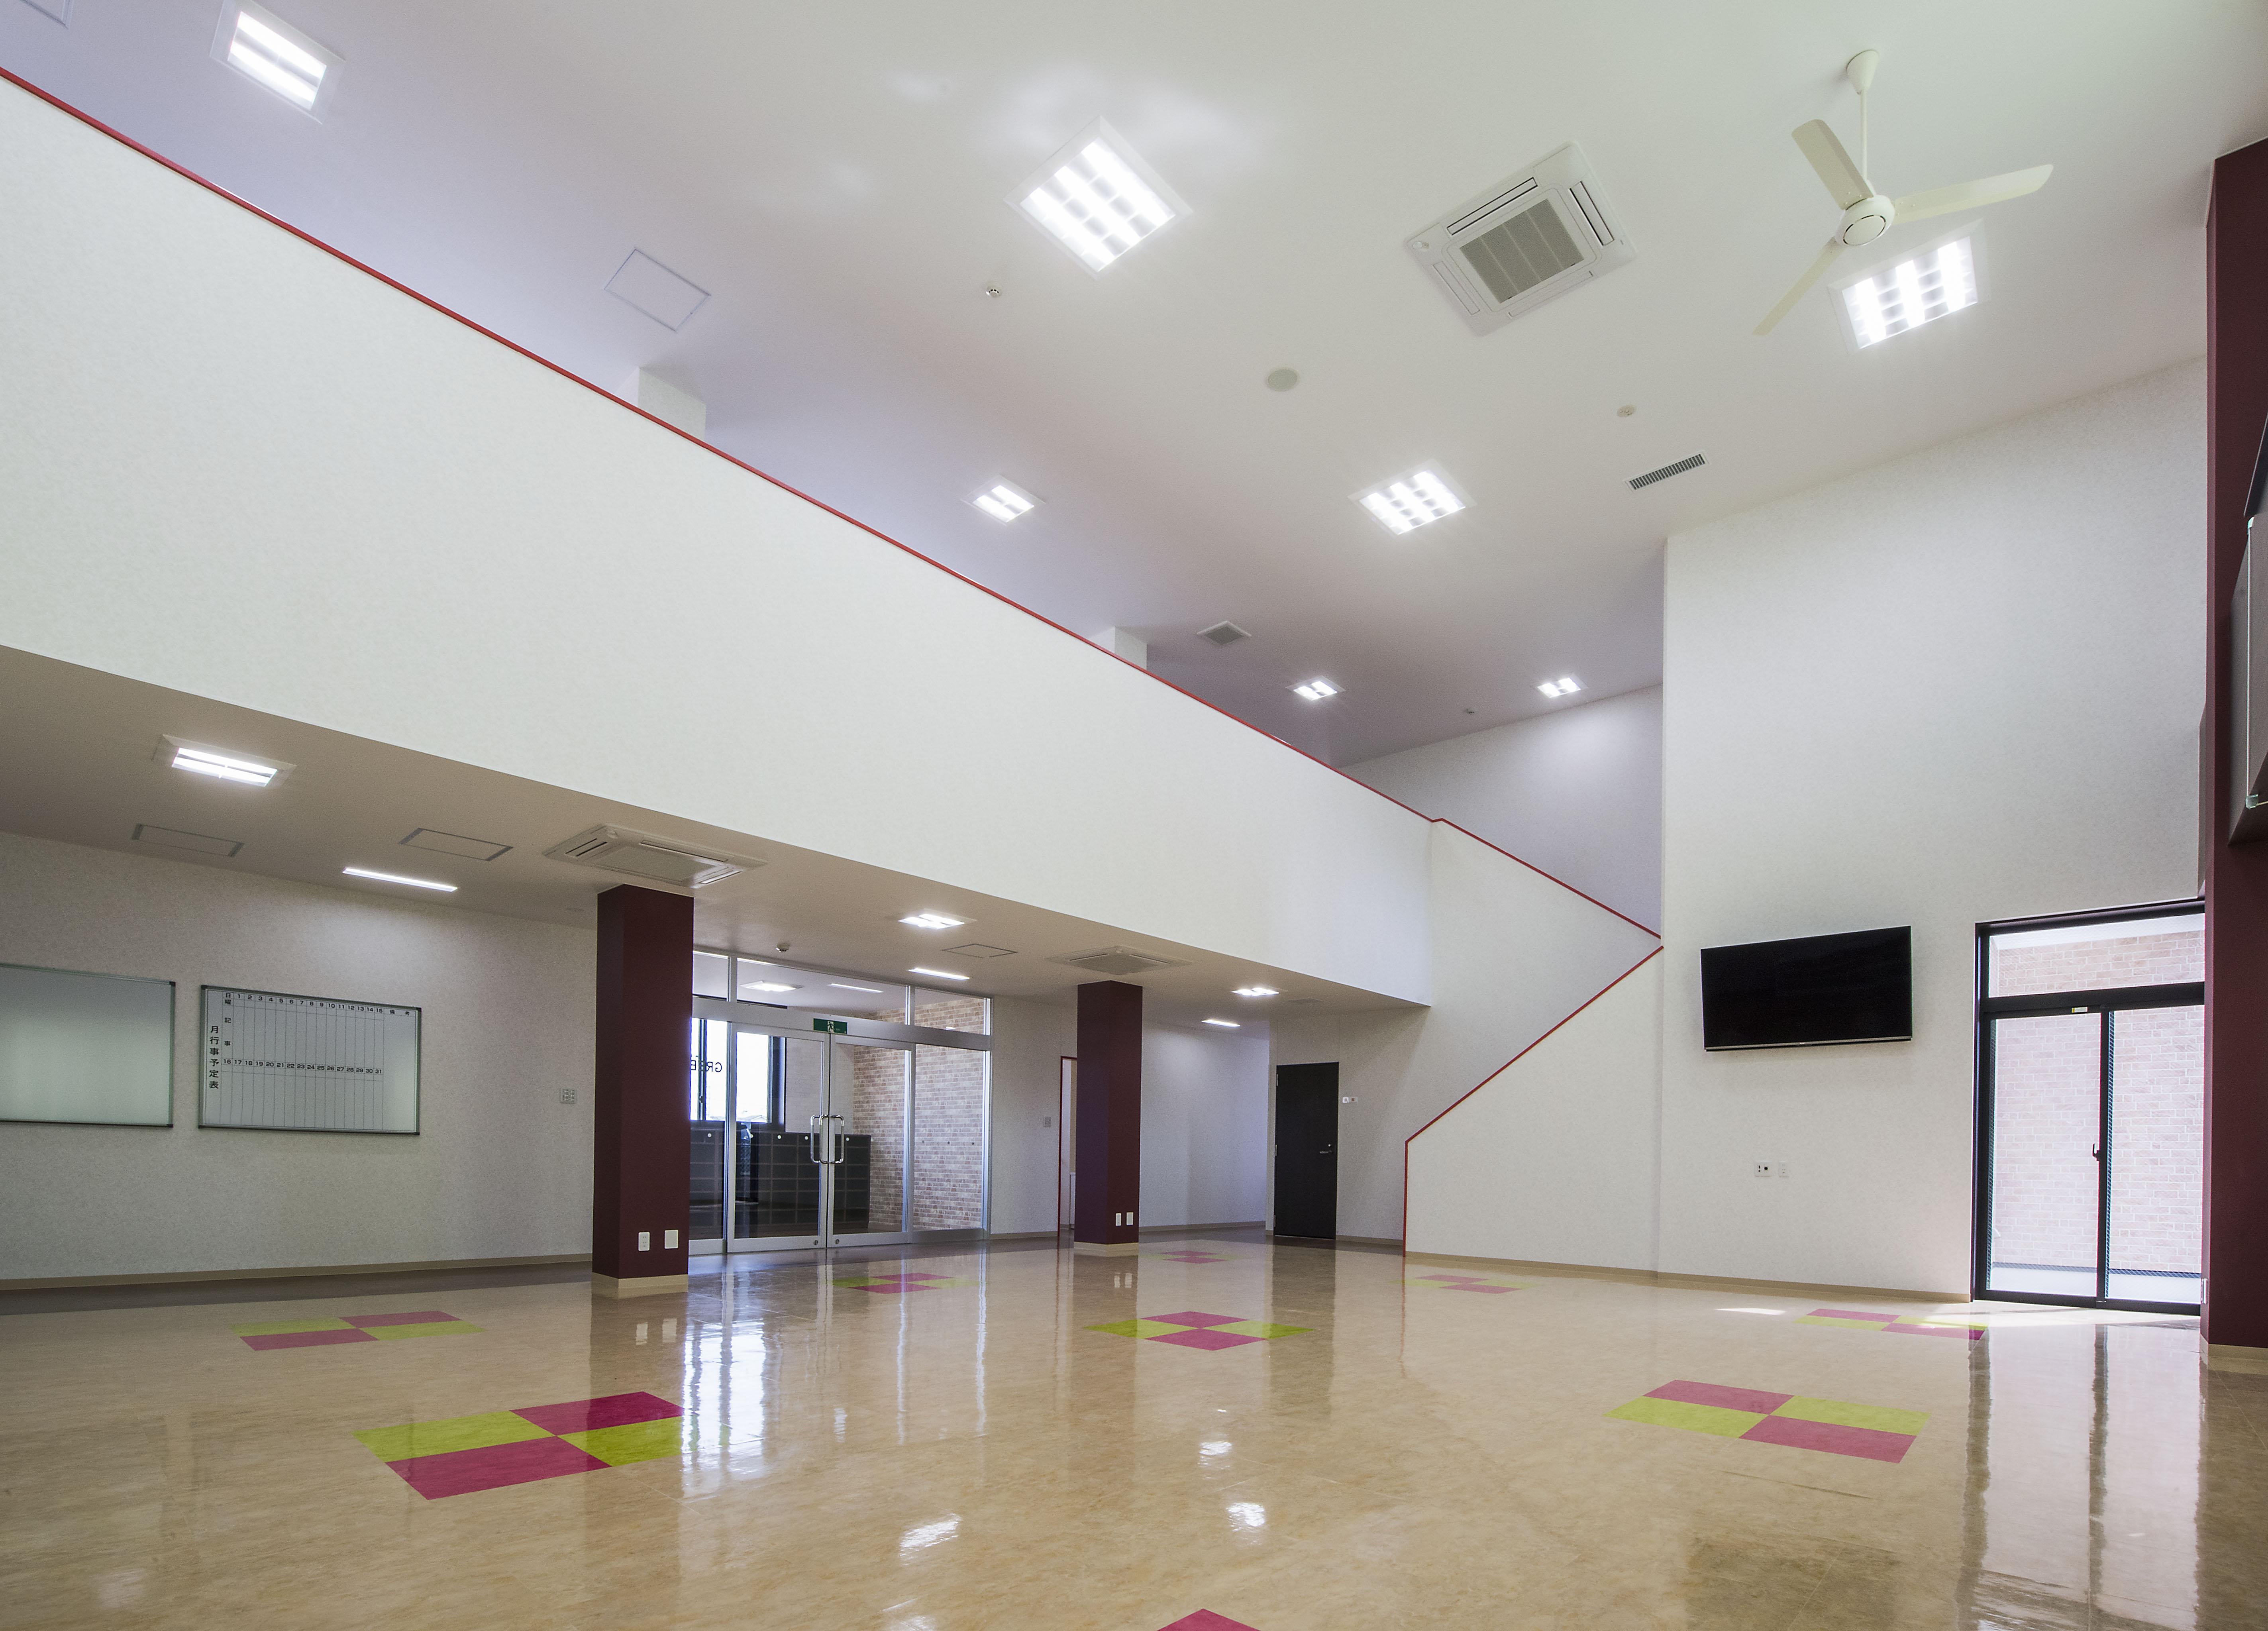 岐阜第一高等学校 グリーンハイツ女子寮 様【設計施工・新築】